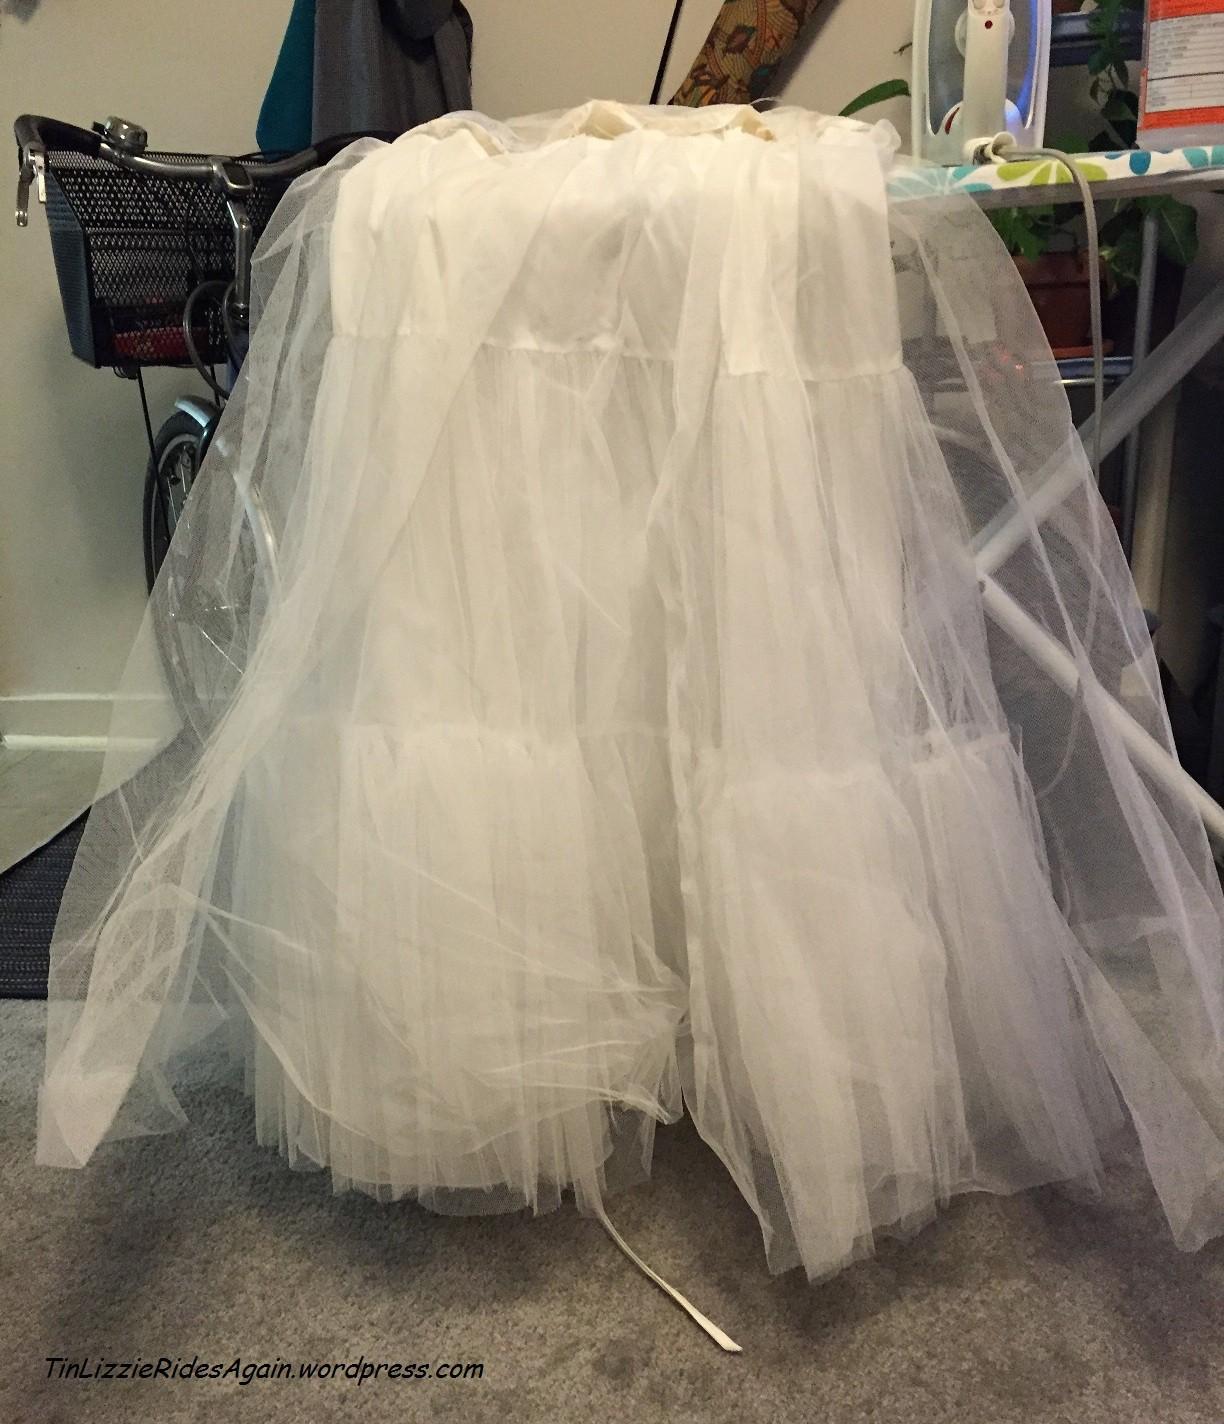 Laura ingalls wilder tinlizzieridesagain for Laura ingalls wilder wedding dress